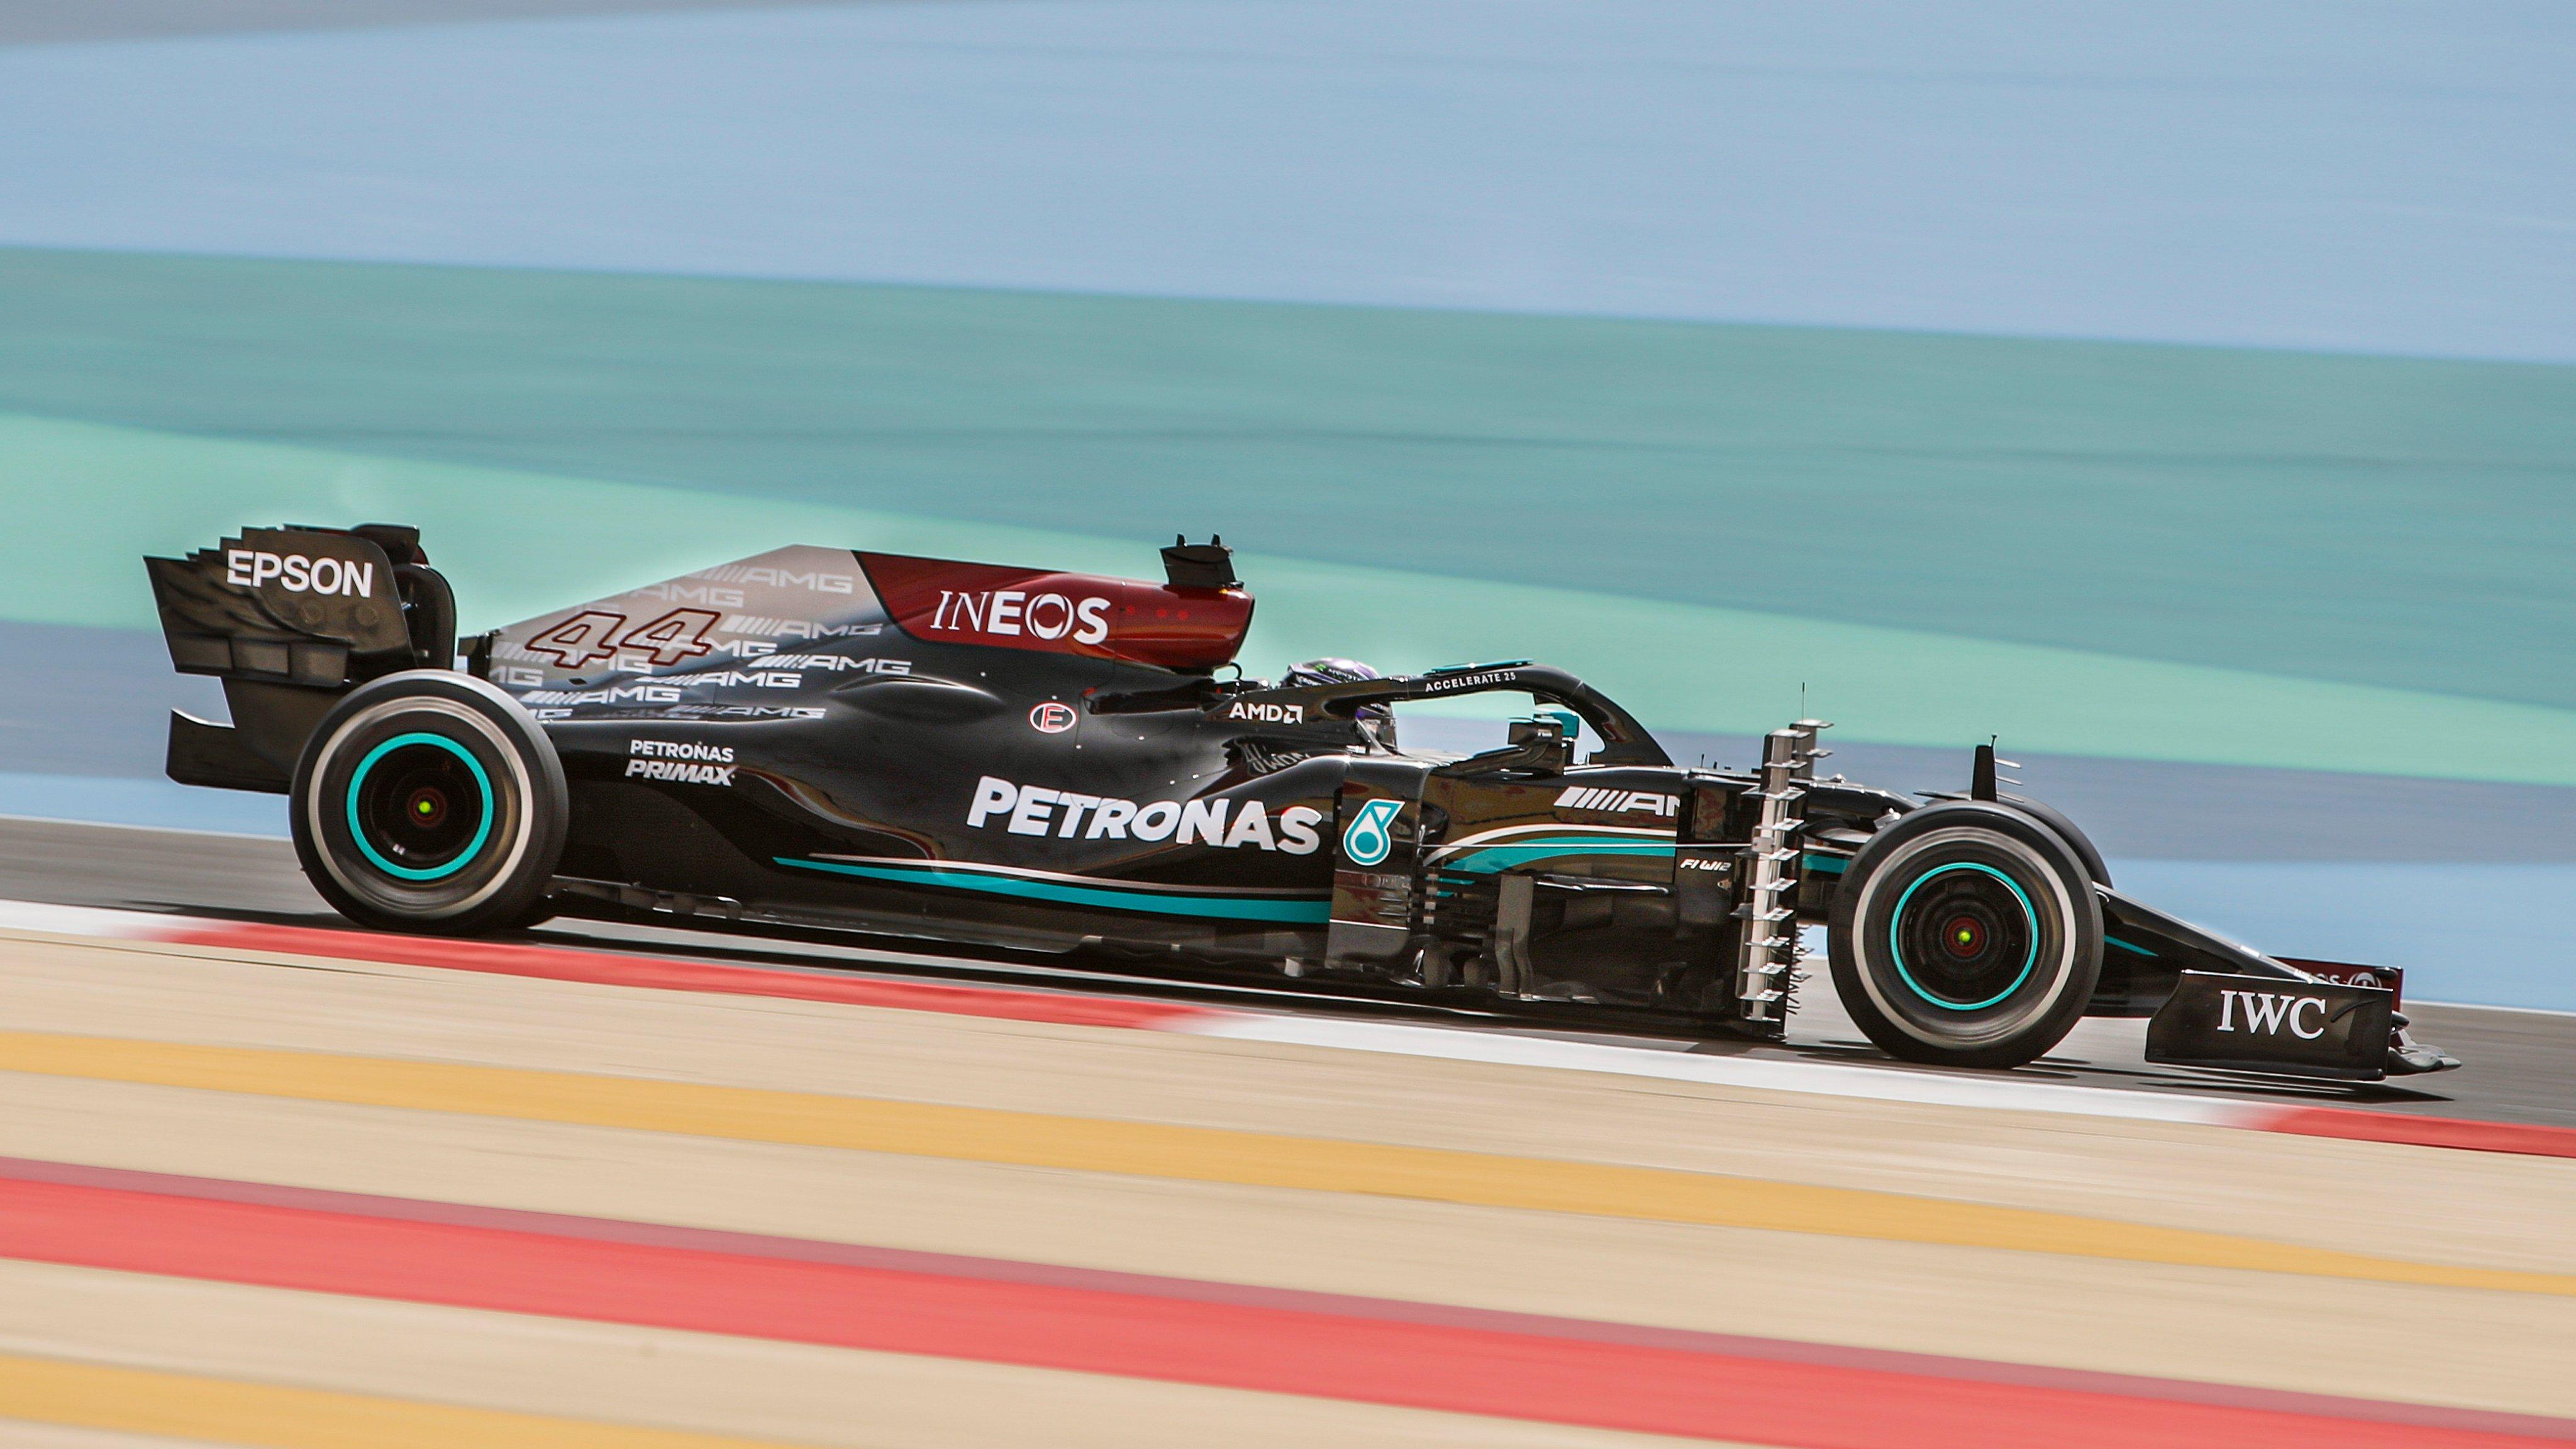 Mercedes W12, Lewis Hamilton